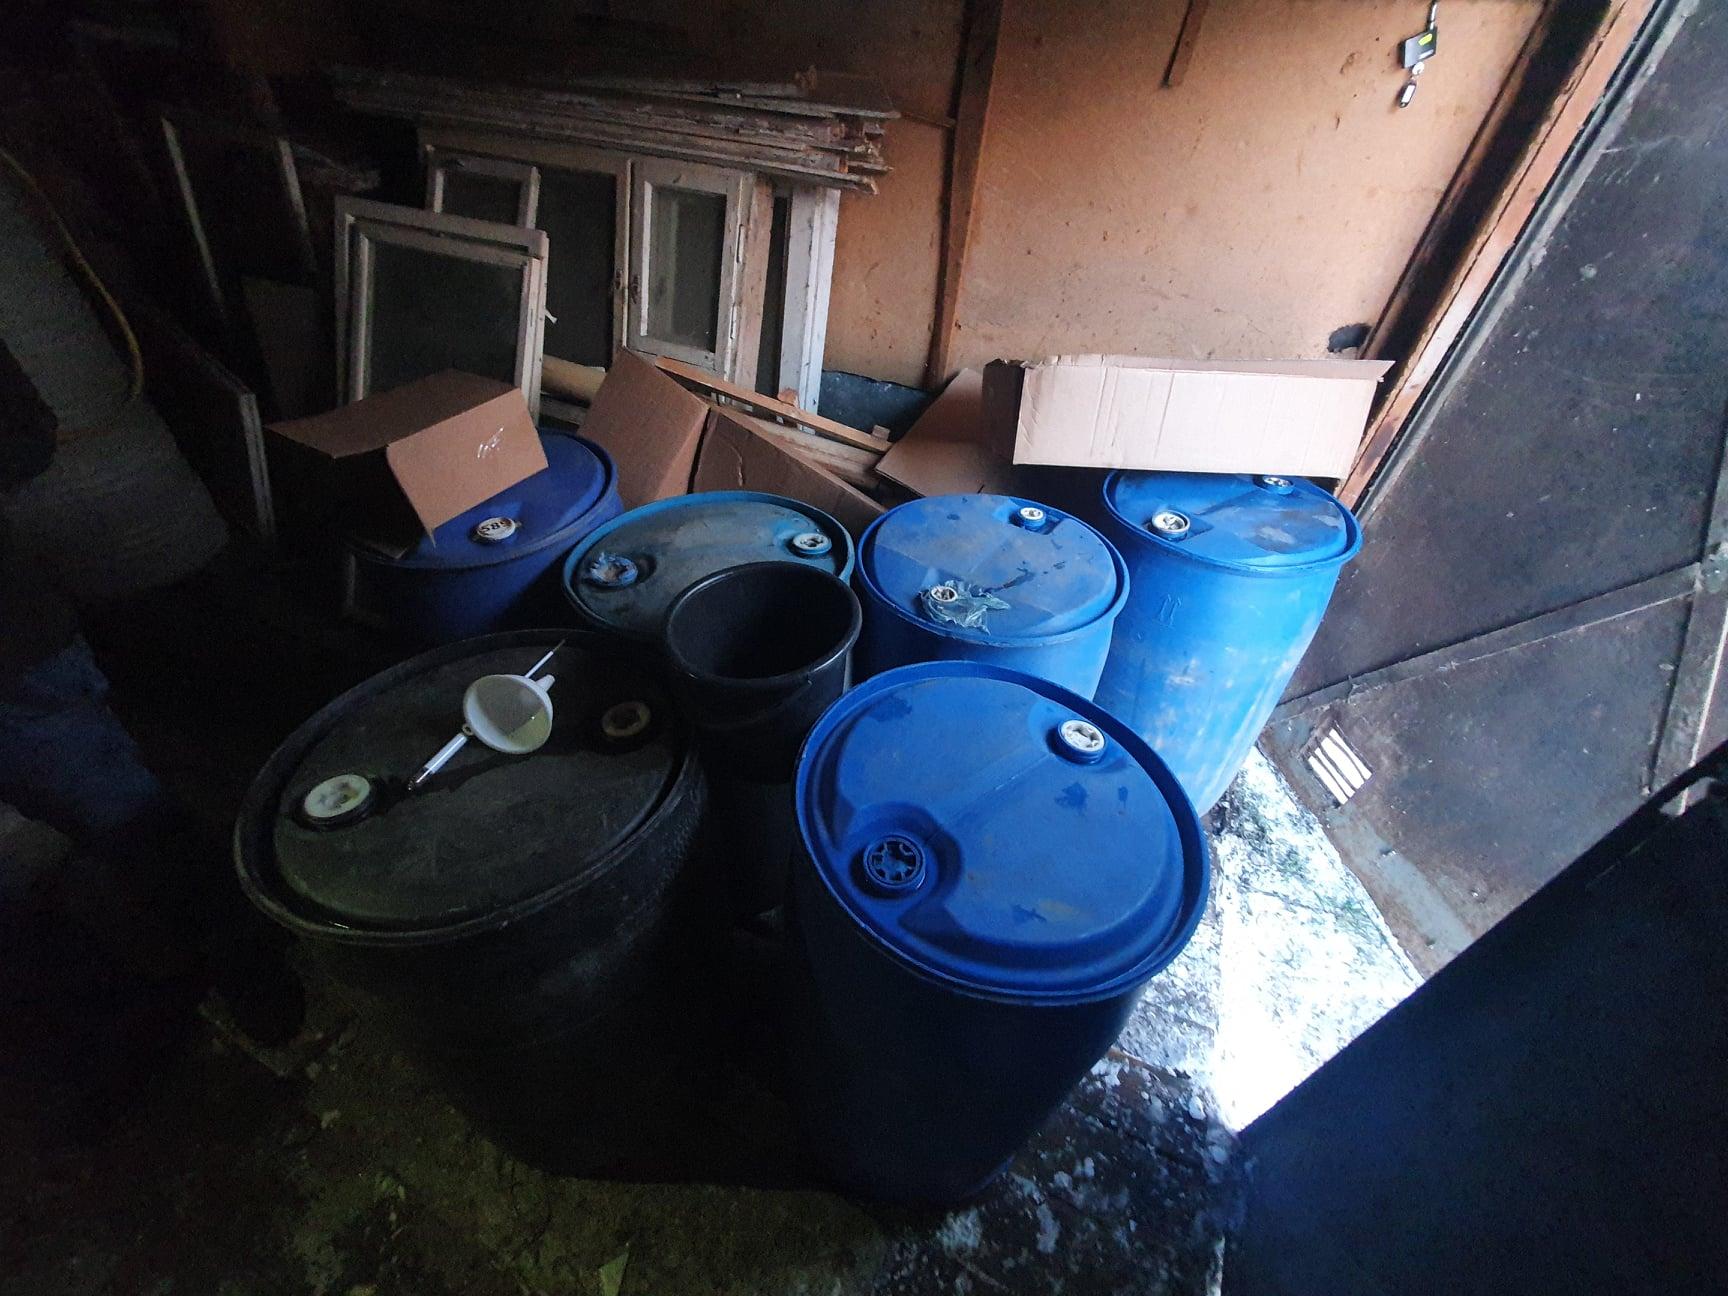 На Бориспільщині та в Ірпені підробляли спиртні напої - підпільний цех, алкоголь - 145724510 1546326788911646 6491473273970437557 o